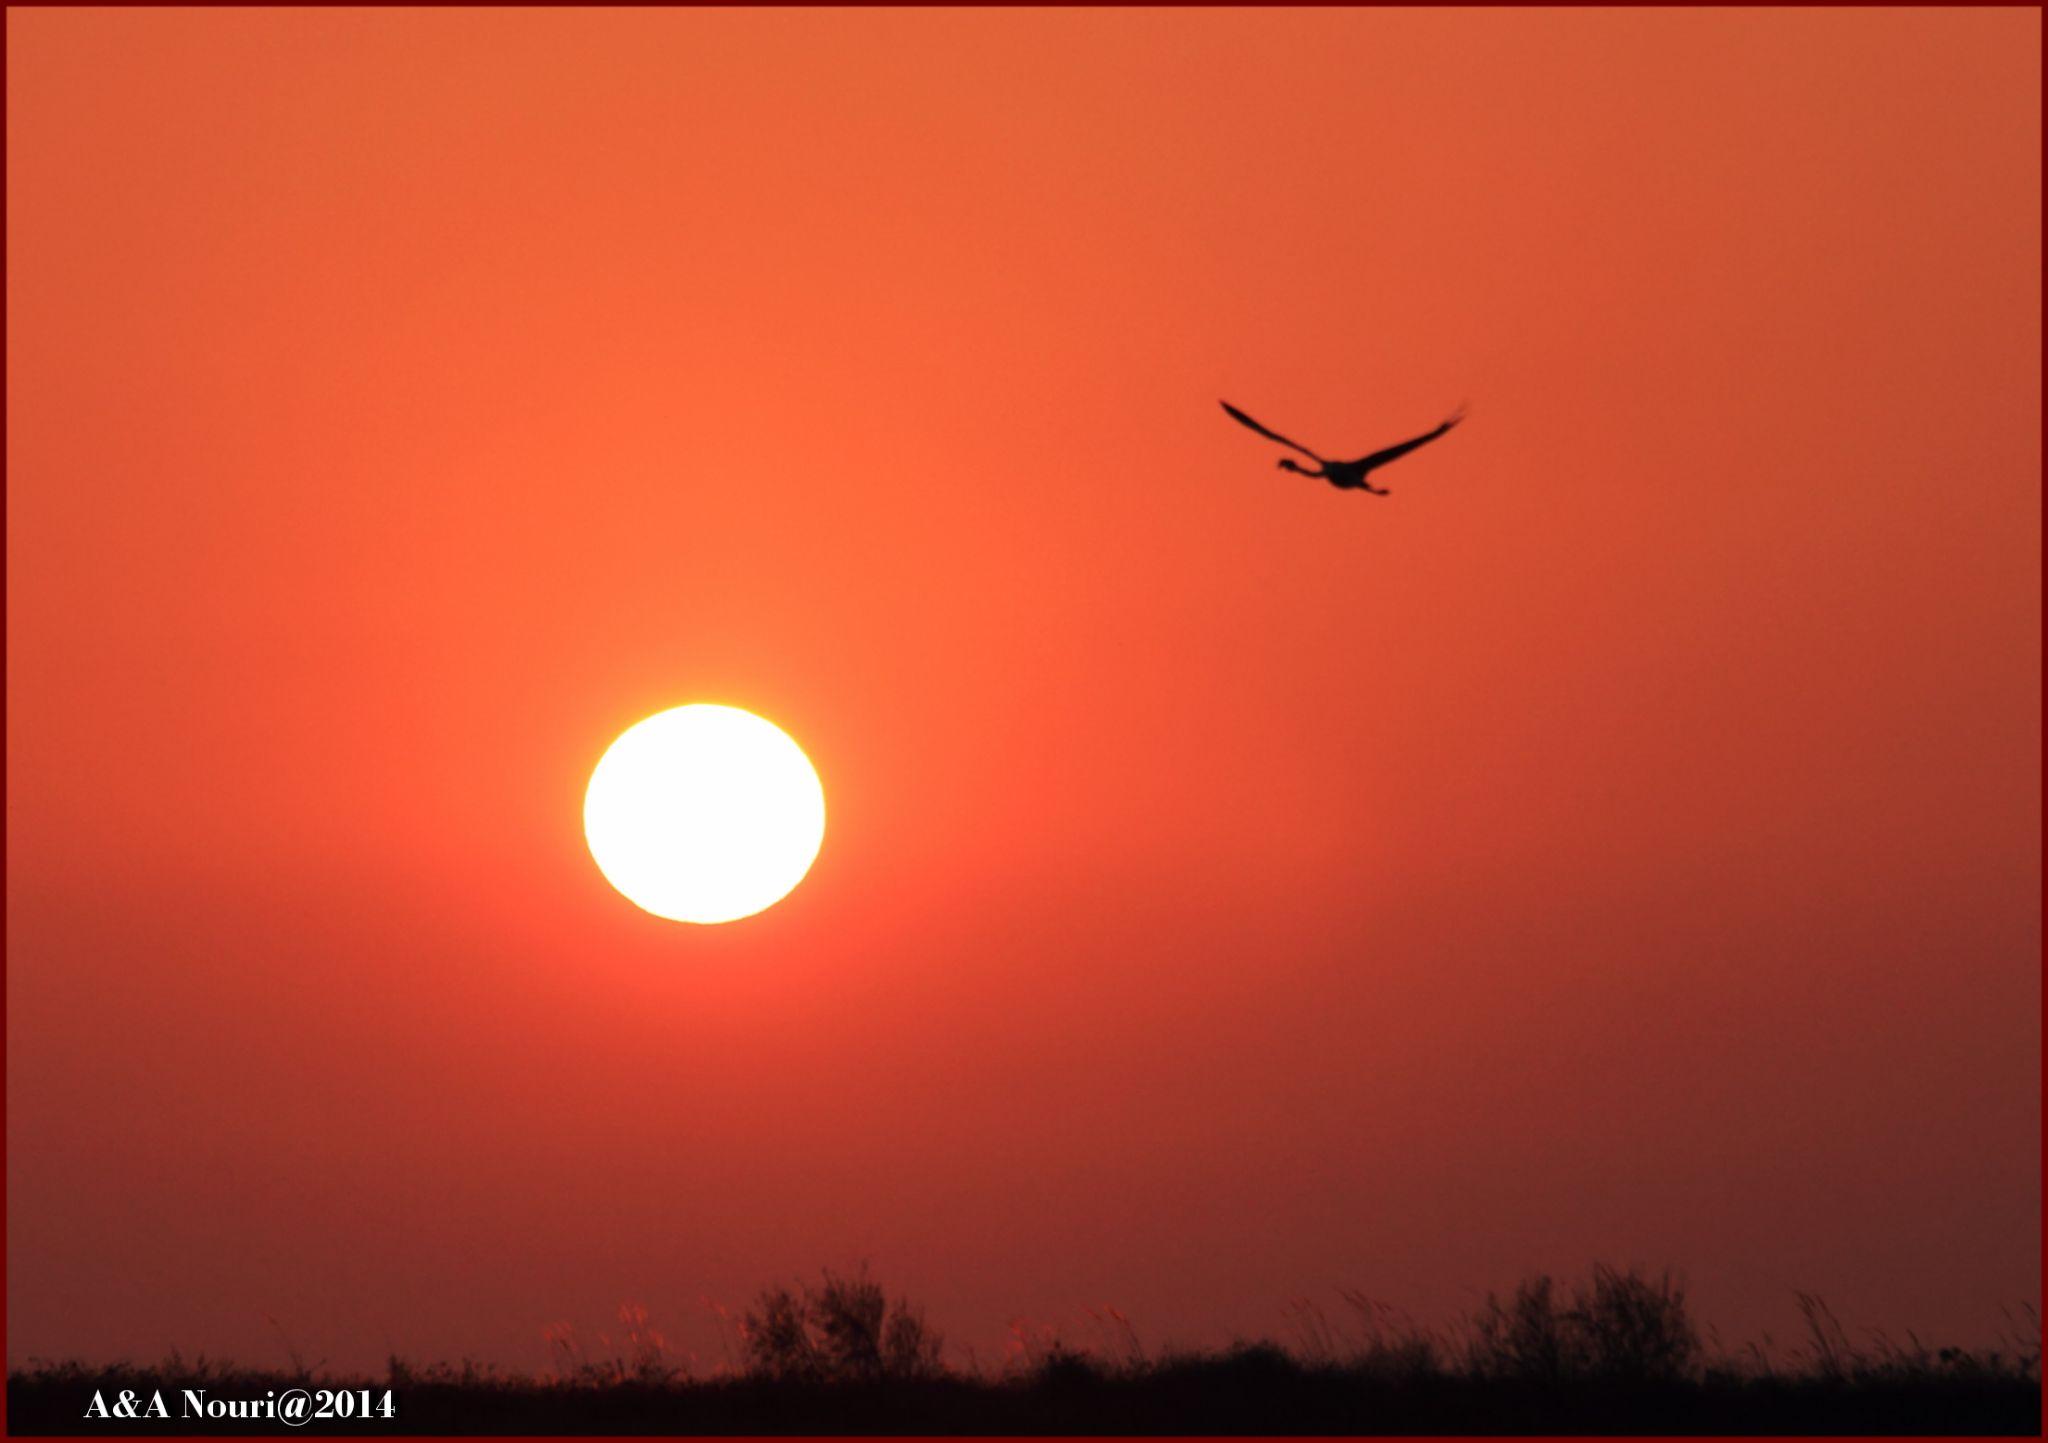 lonely flight by Akbar Nouri